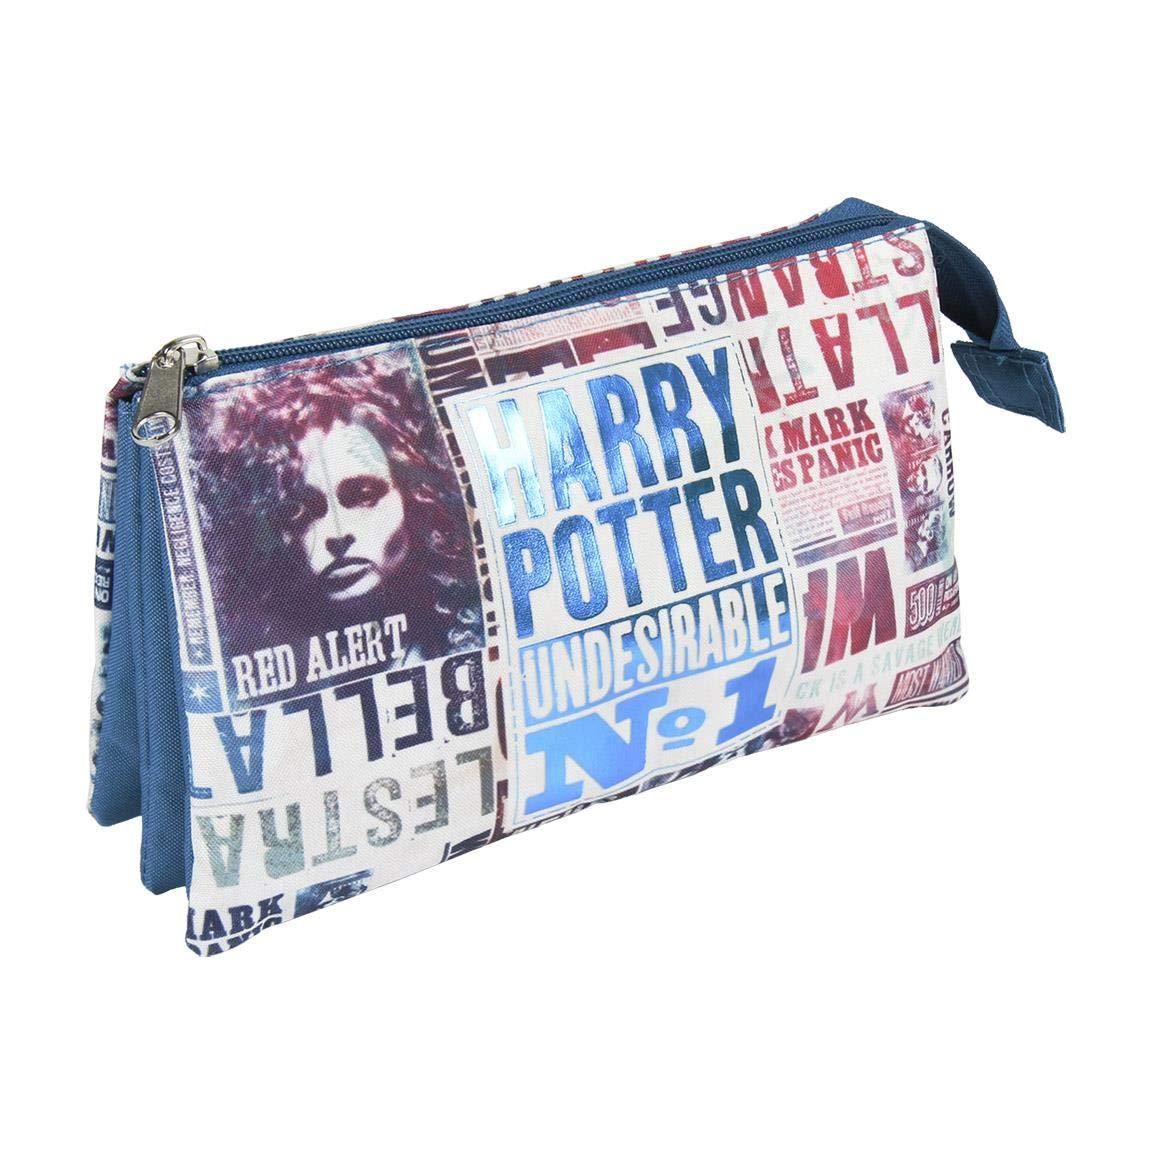 Artesania Cerda Estuche/portatodo Plano 3 Compartimentos Harry Potter Pack Pocket, 22 cm, Blue (Azul)